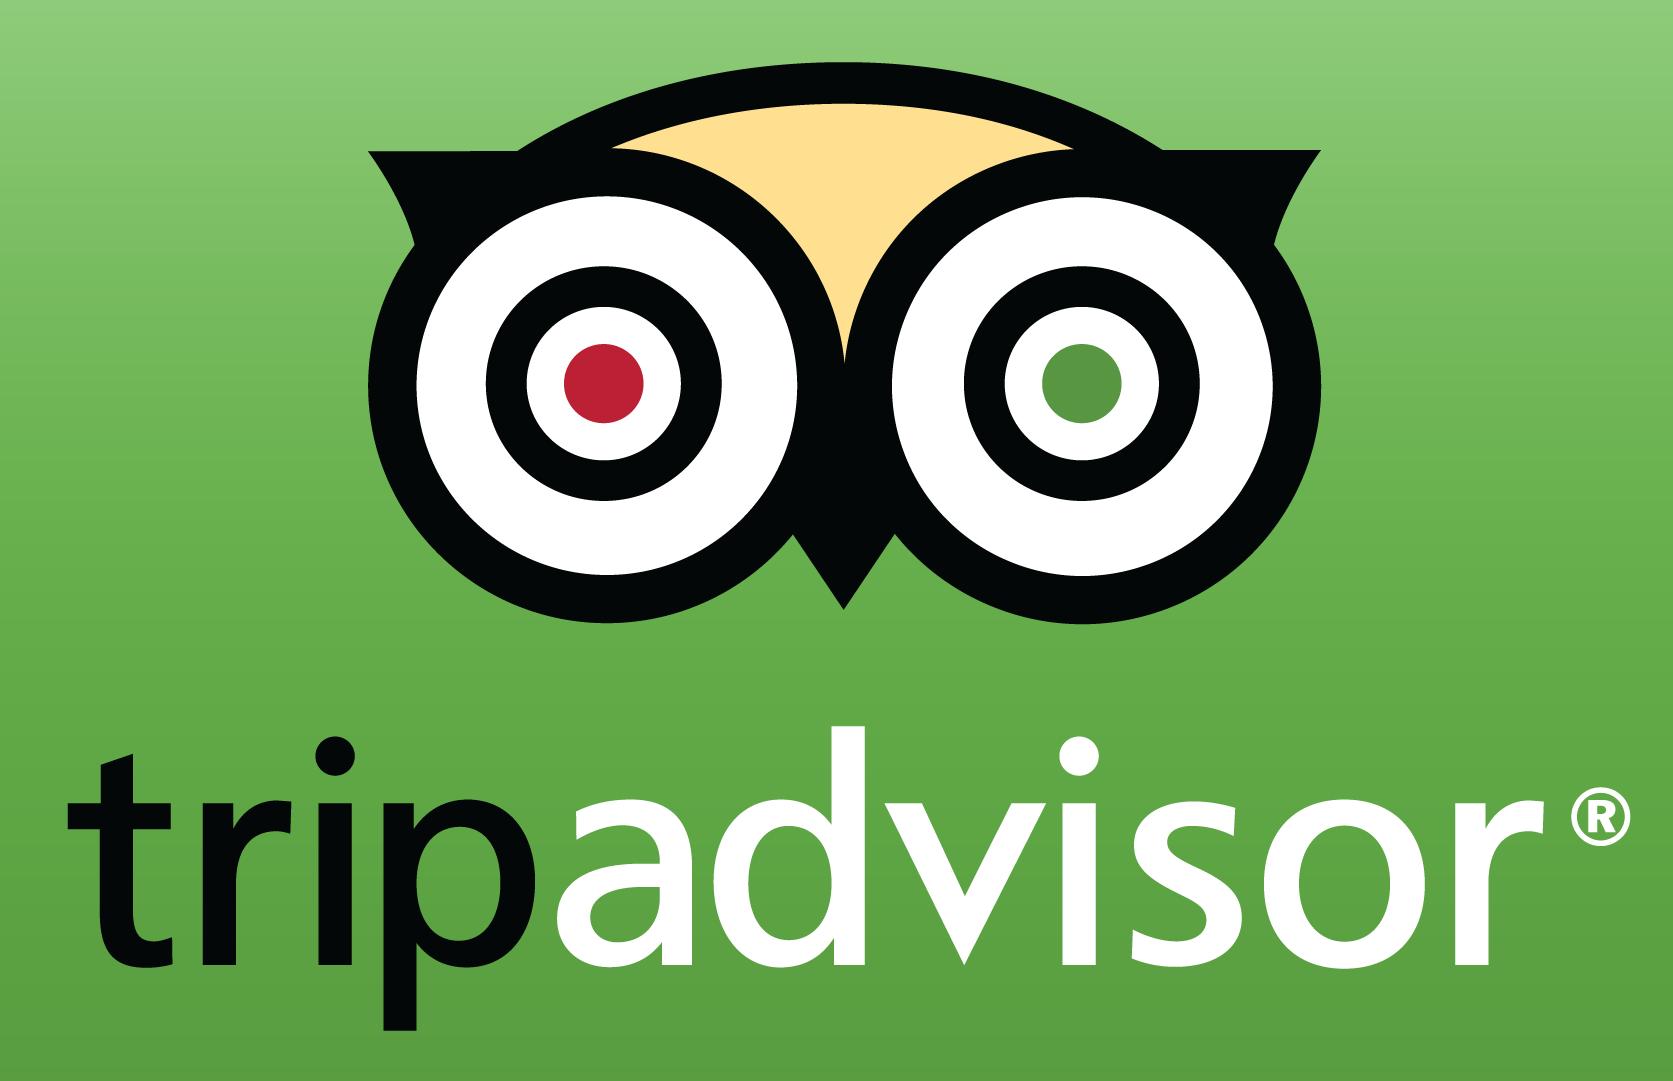 Tripadvisor2 blog